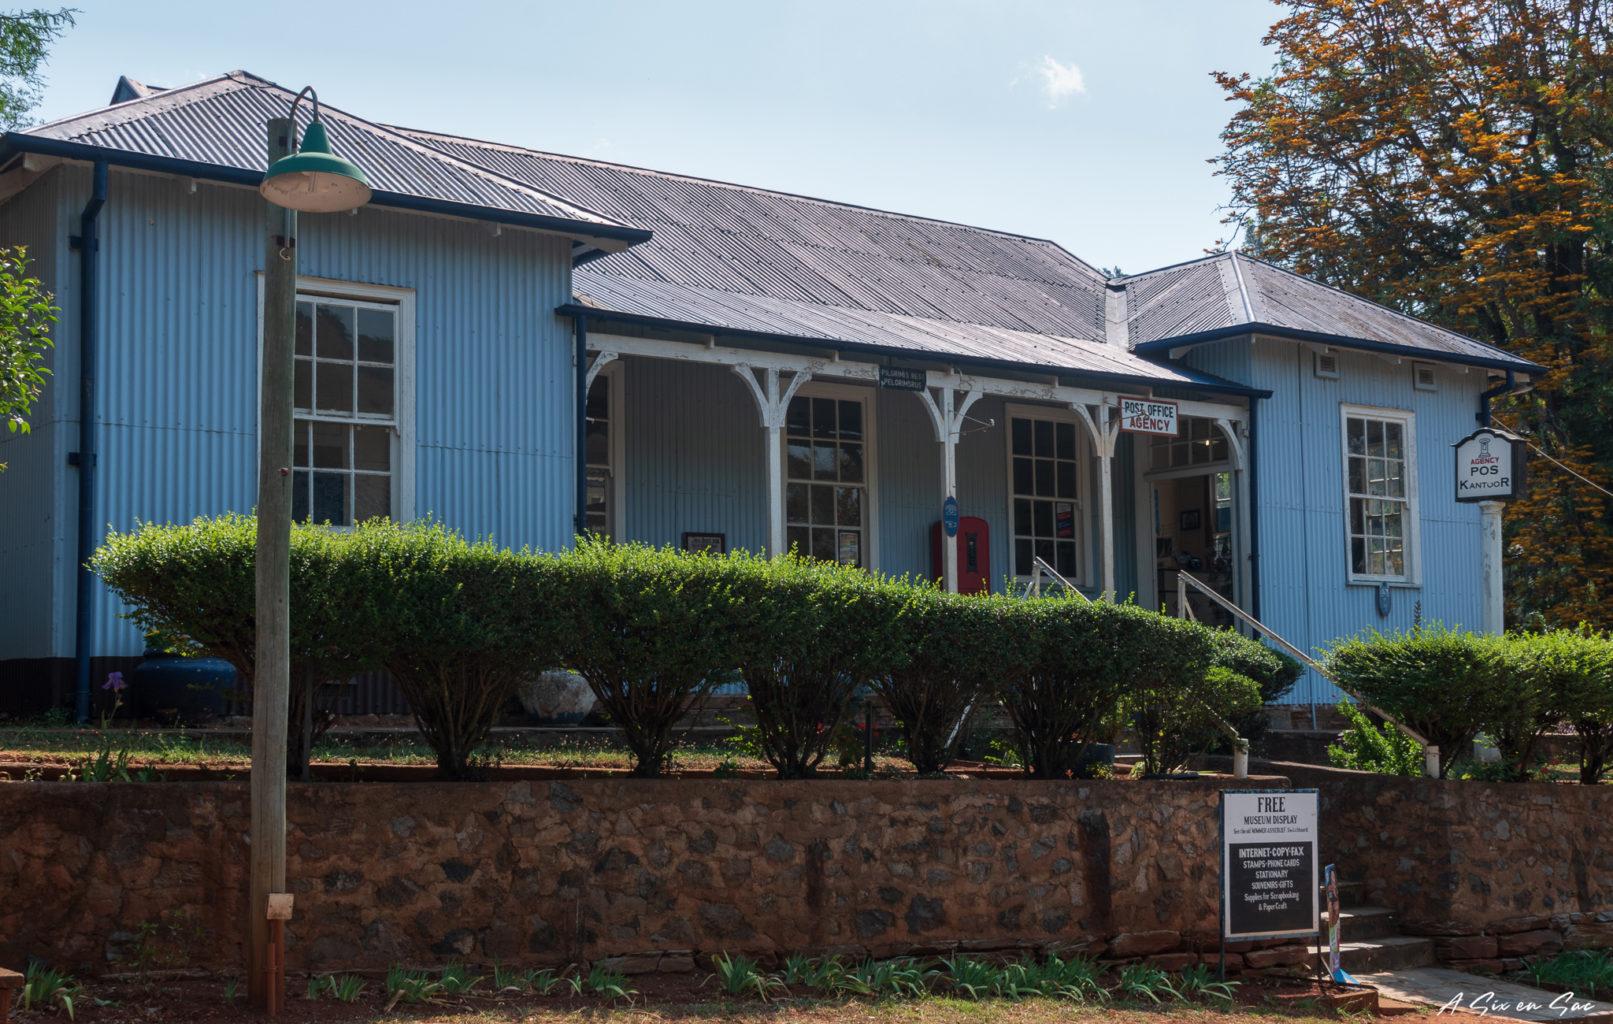 façade de maison de la ville de Pilgrim's Rest dans la province du Mpumalanga aux portes du parc Kruger ( et son emblématique Blyde River Canyon )